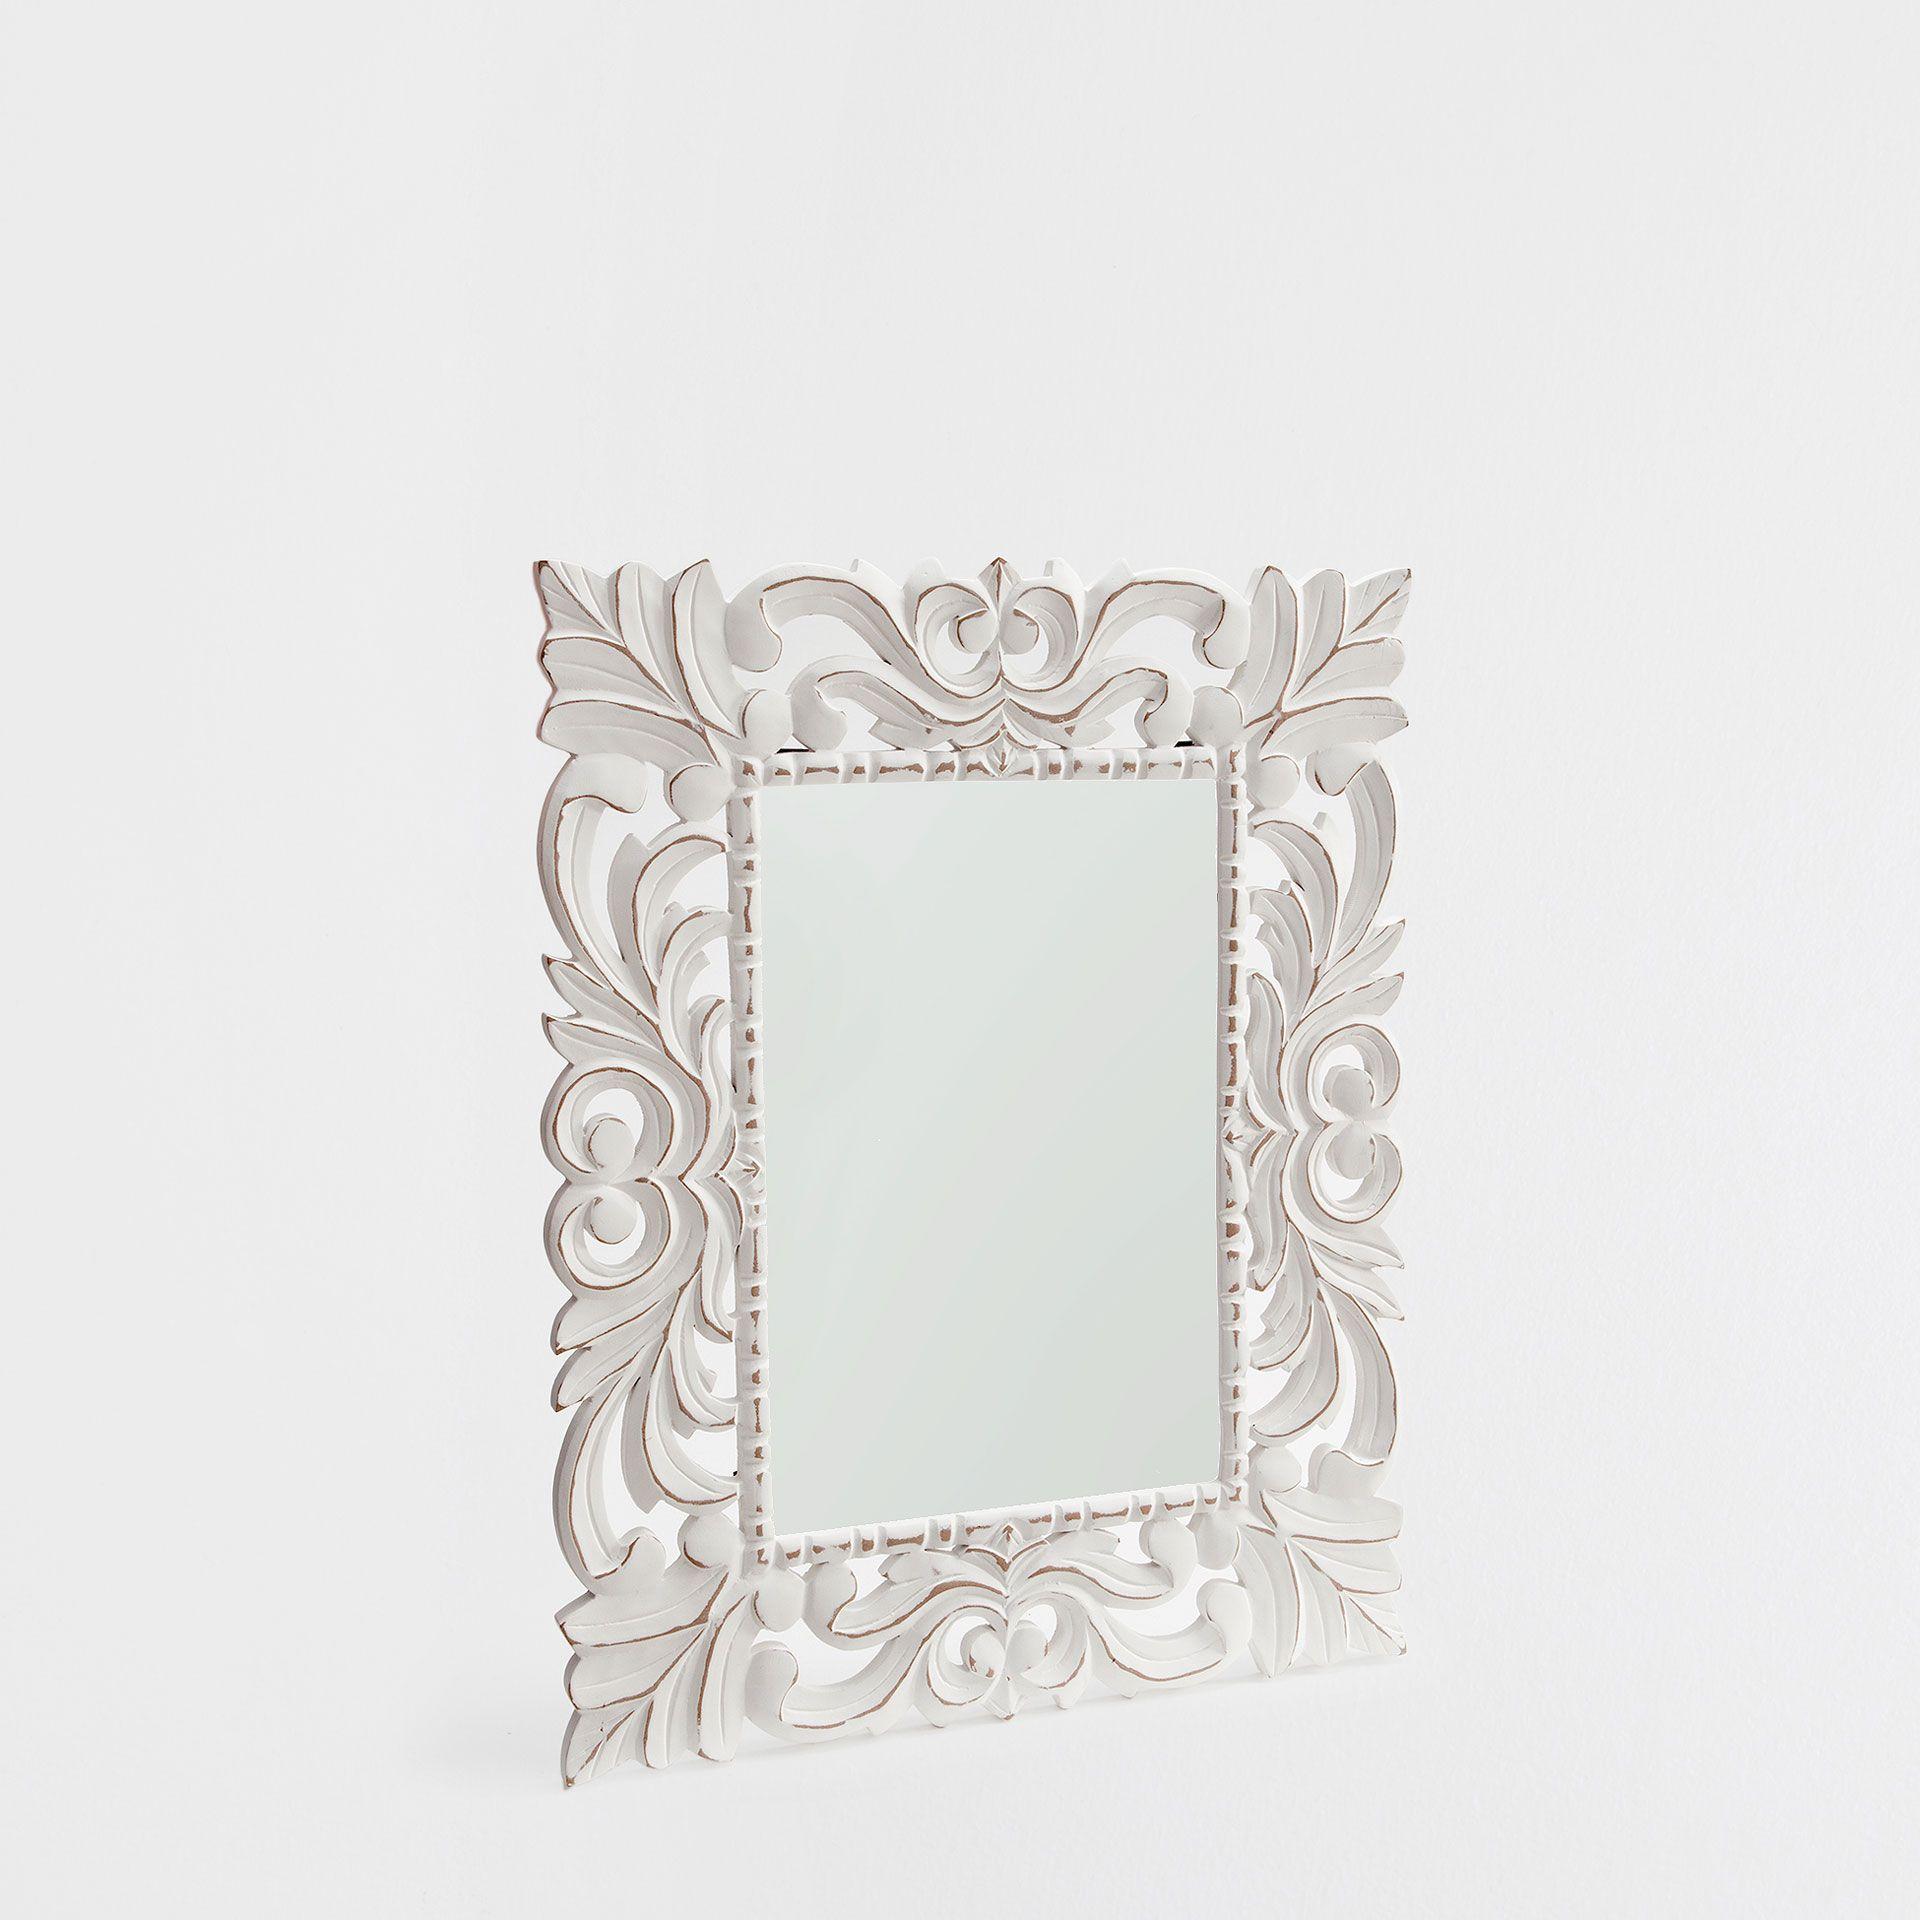 miroir blanc bois ajour miroirs d coration zara. Black Bedroom Furniture Sets. Home Design Ideas